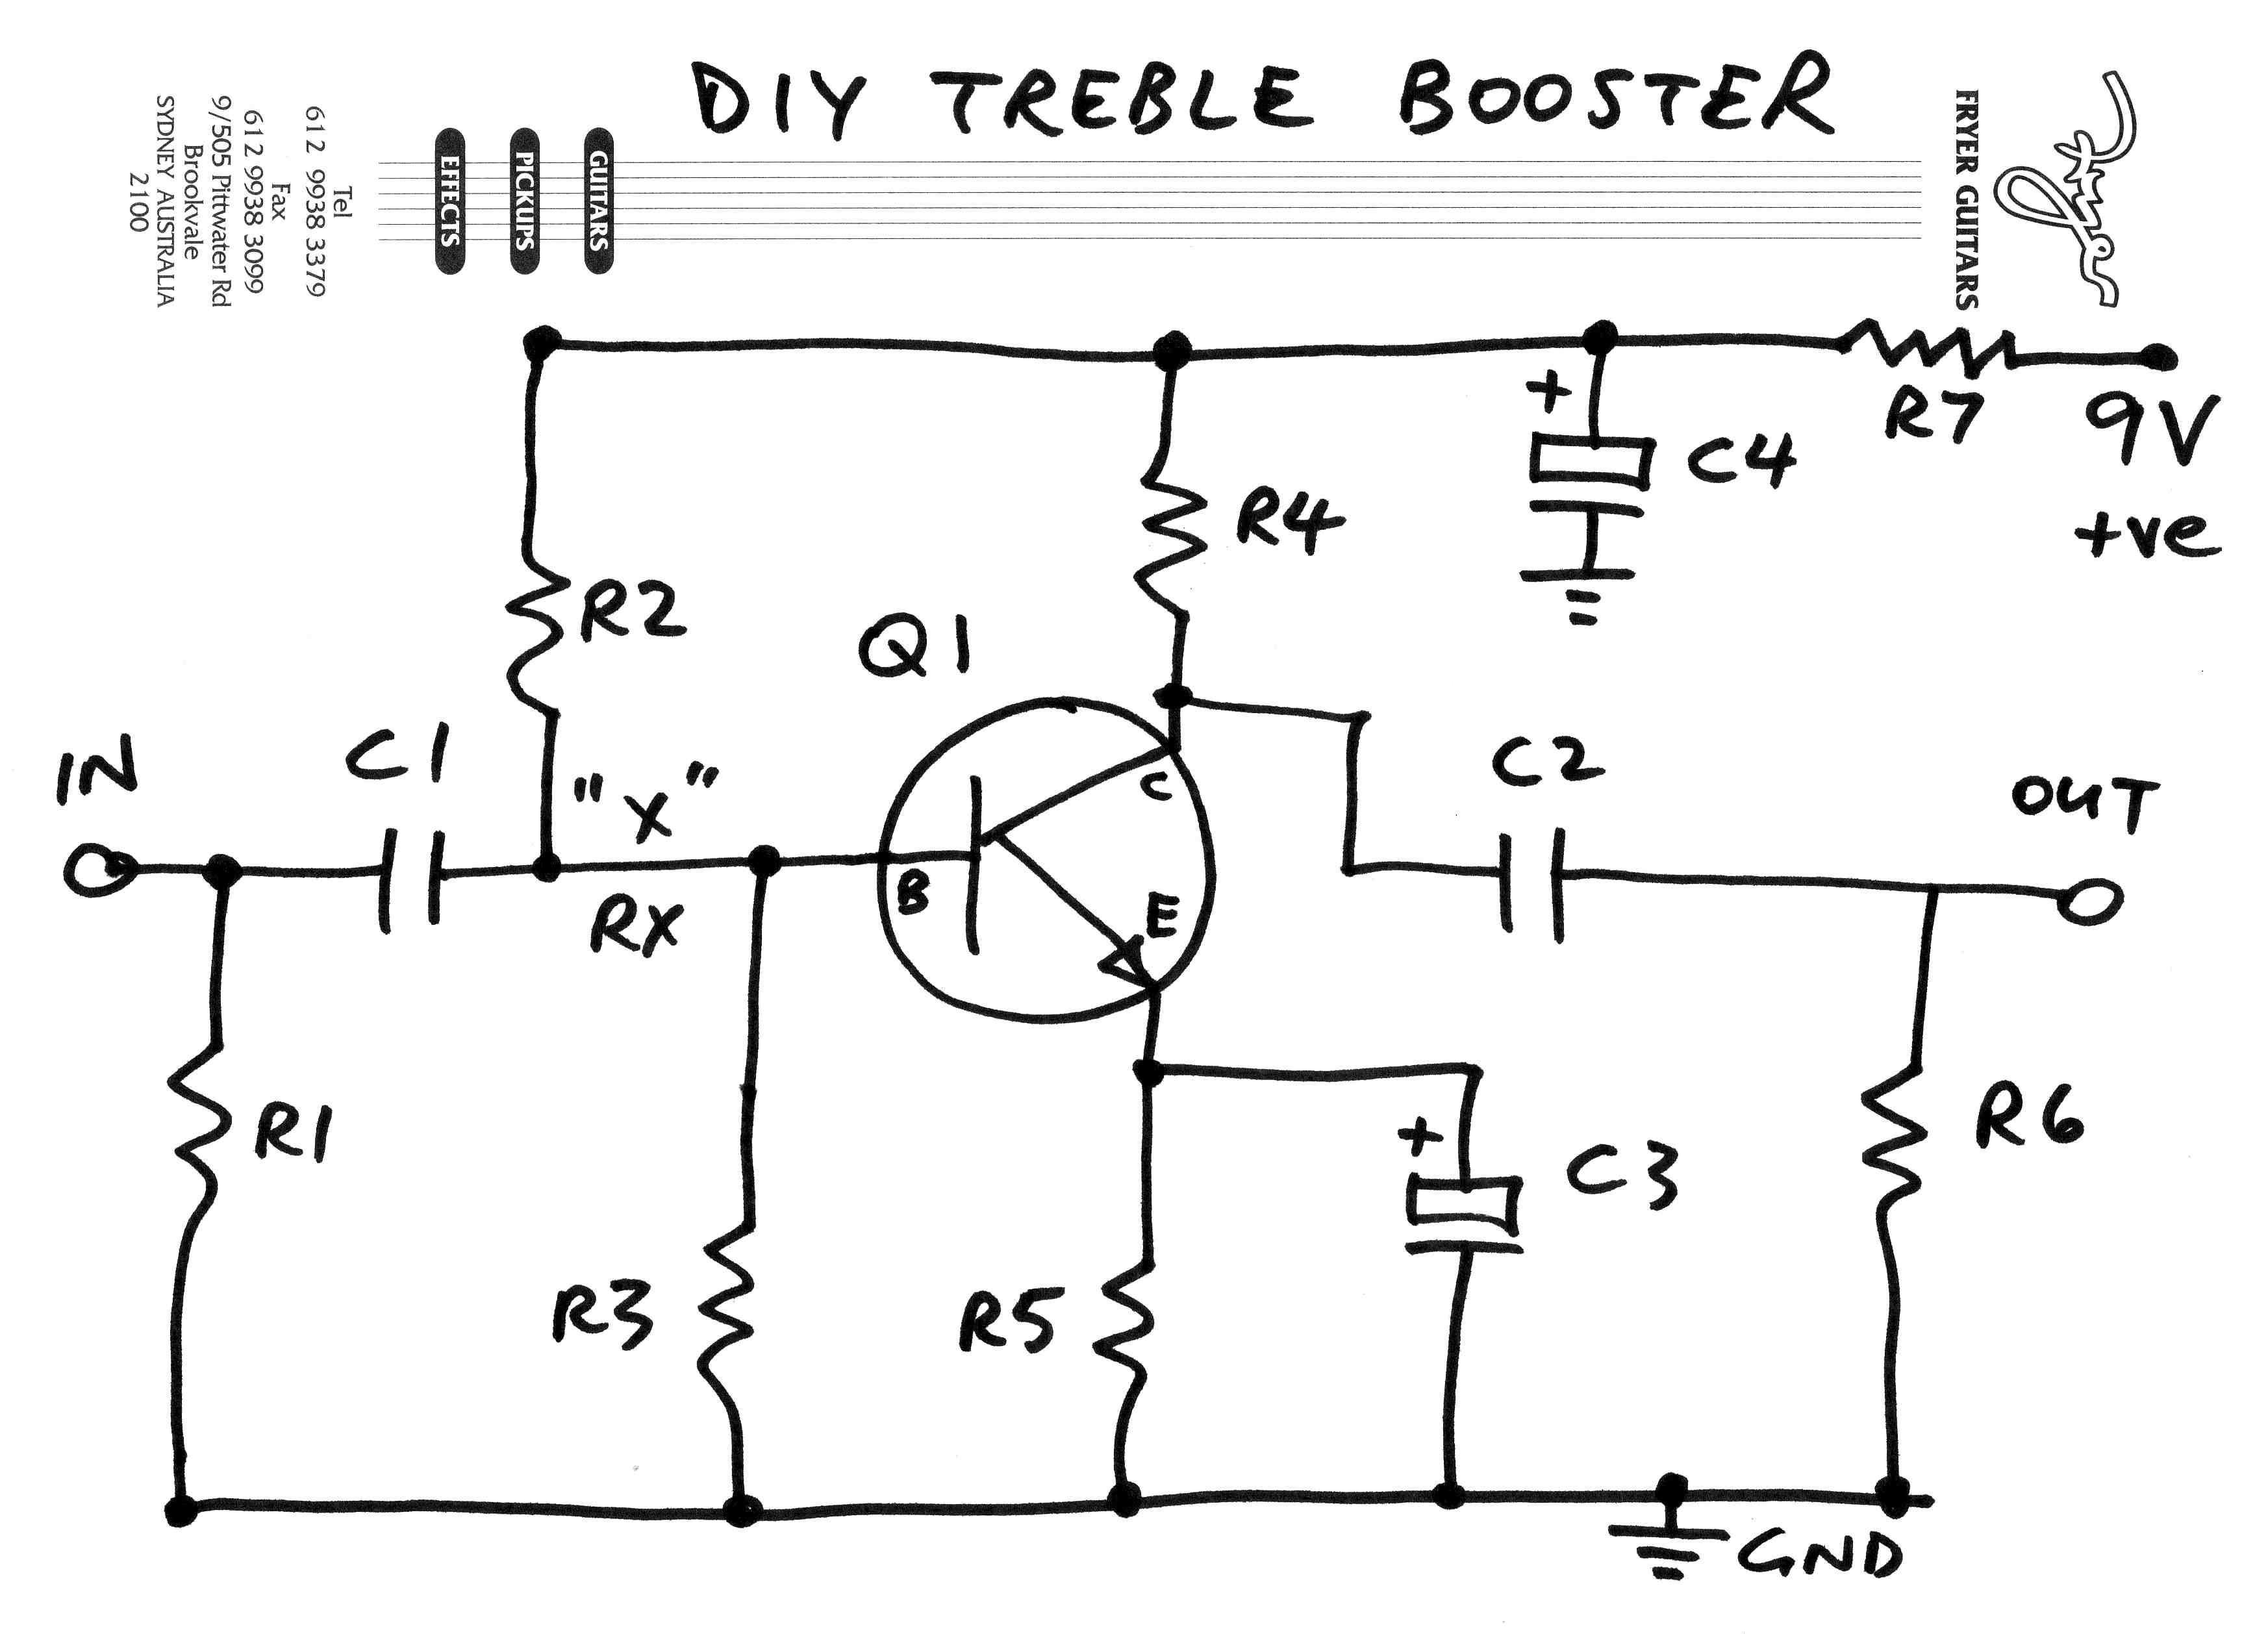 vox treble booster